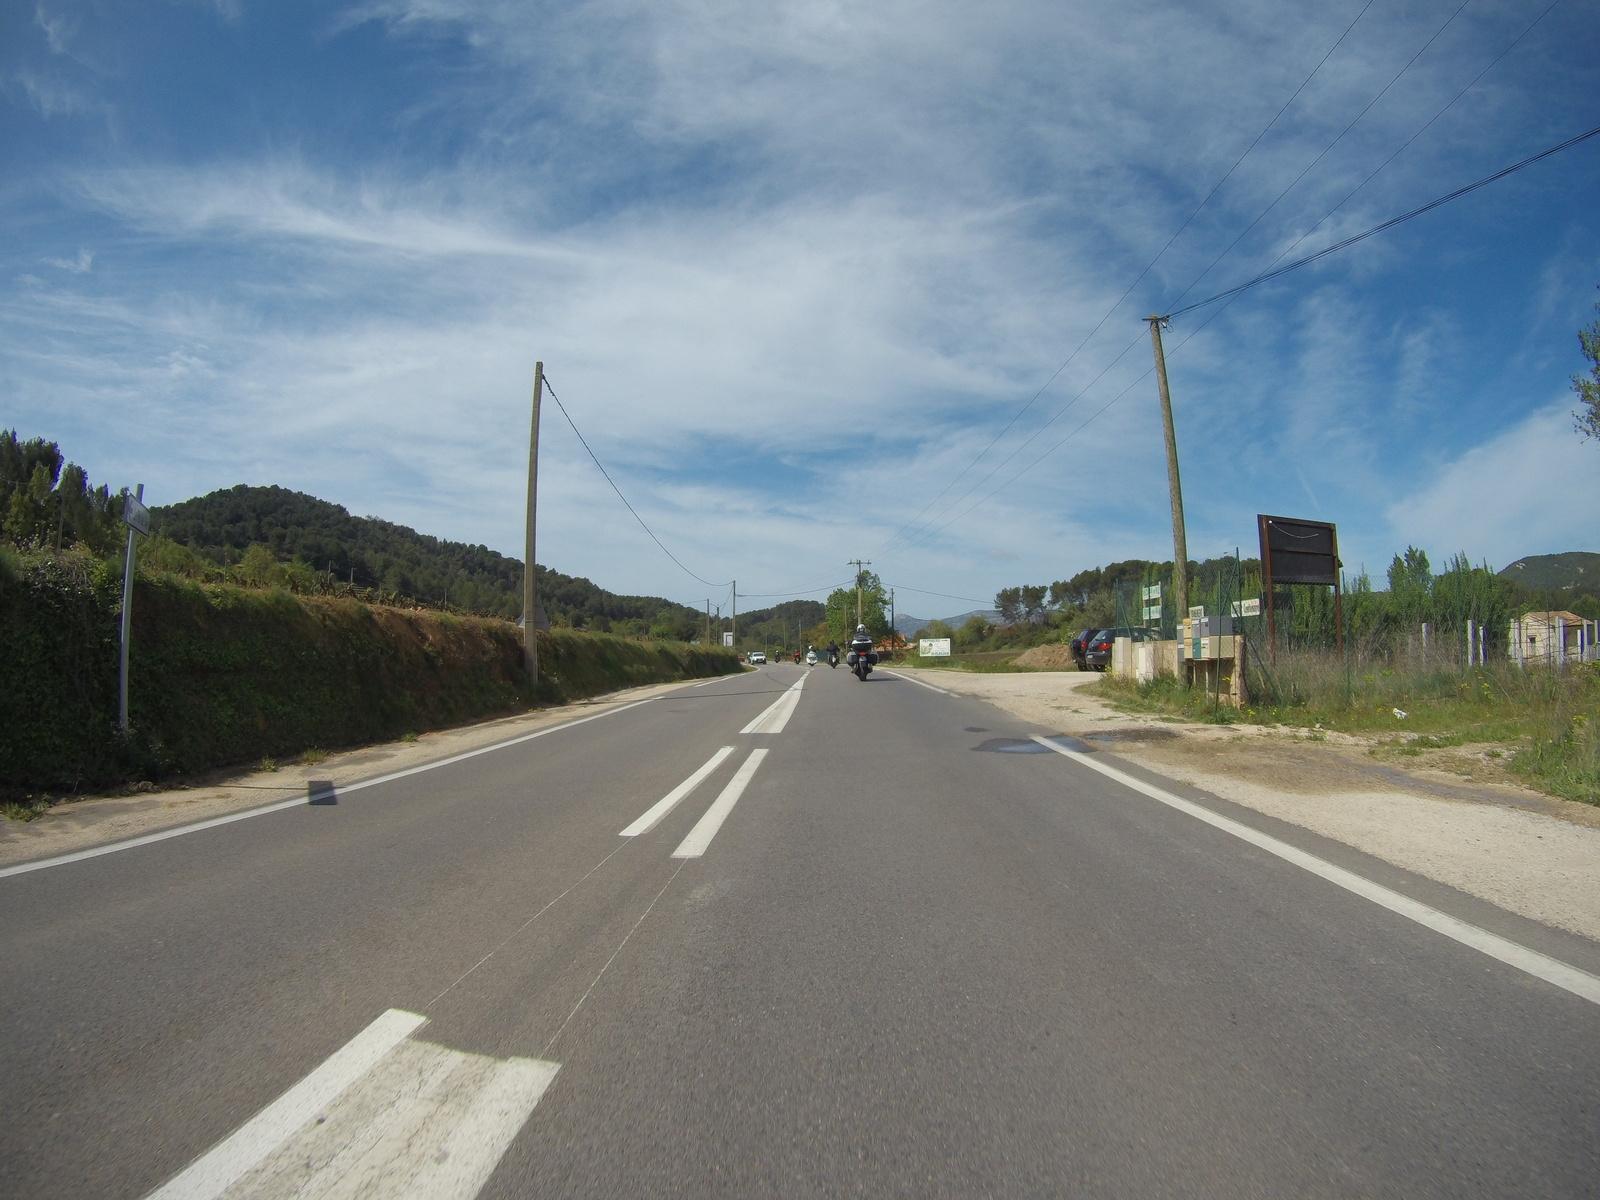 Retour sur les petites routes après quelques km d'autoroute force 7